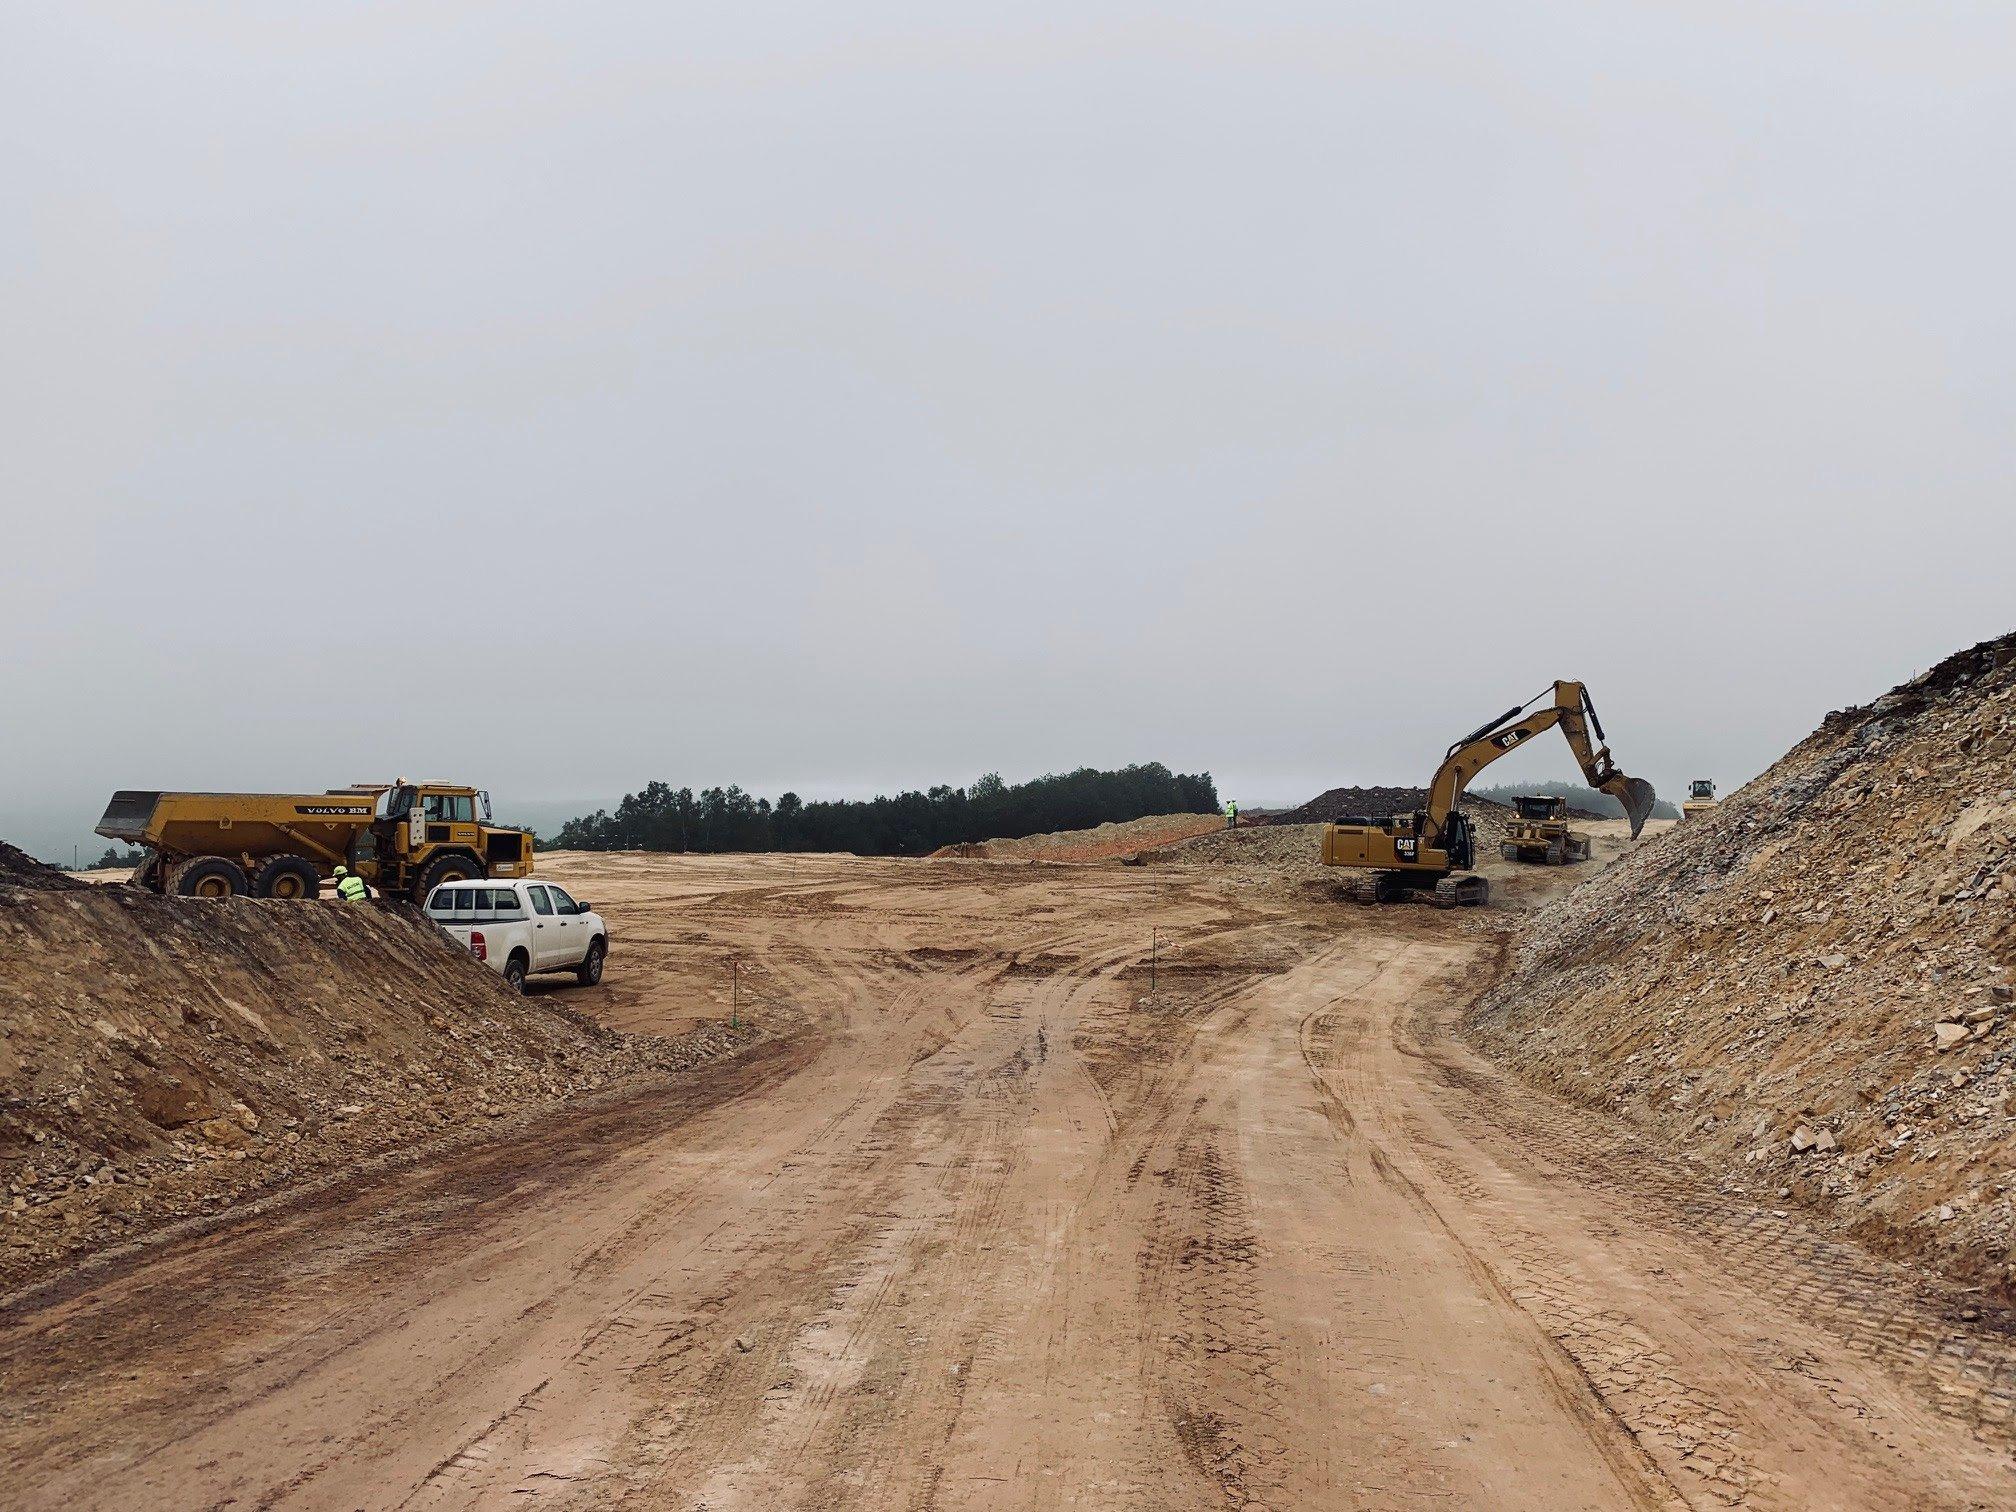 Enel_Green_Power_Espana_comienza_la_construccion_del_parque_eolico_de_Paradela_en_Lugo